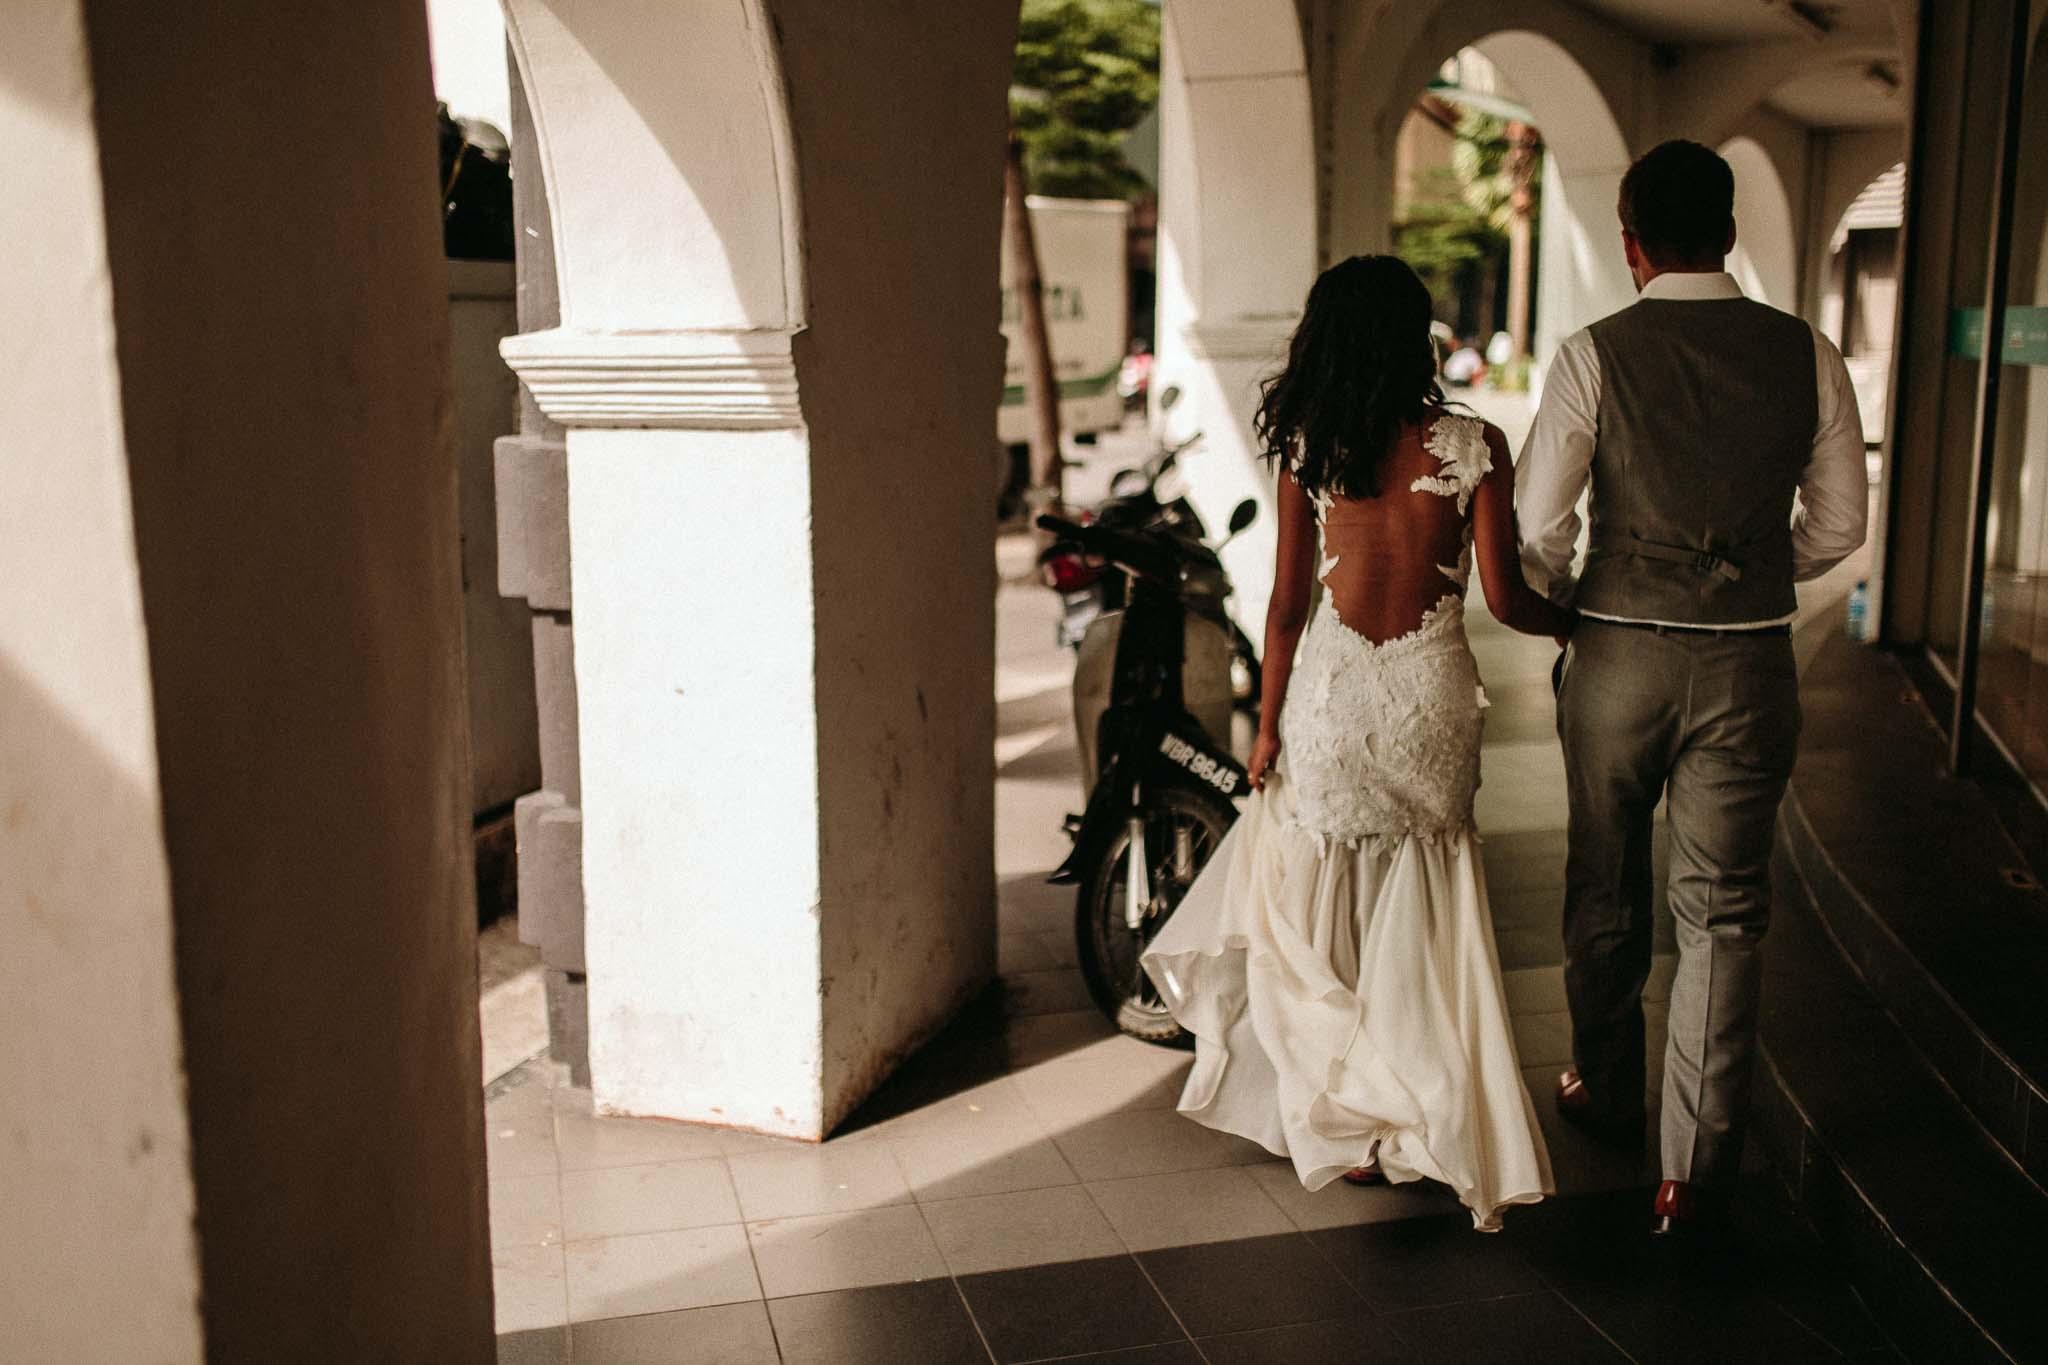 u&m-weddingsbyqay-lovesession-destinationweddingphotographer (160 of 160).jpg